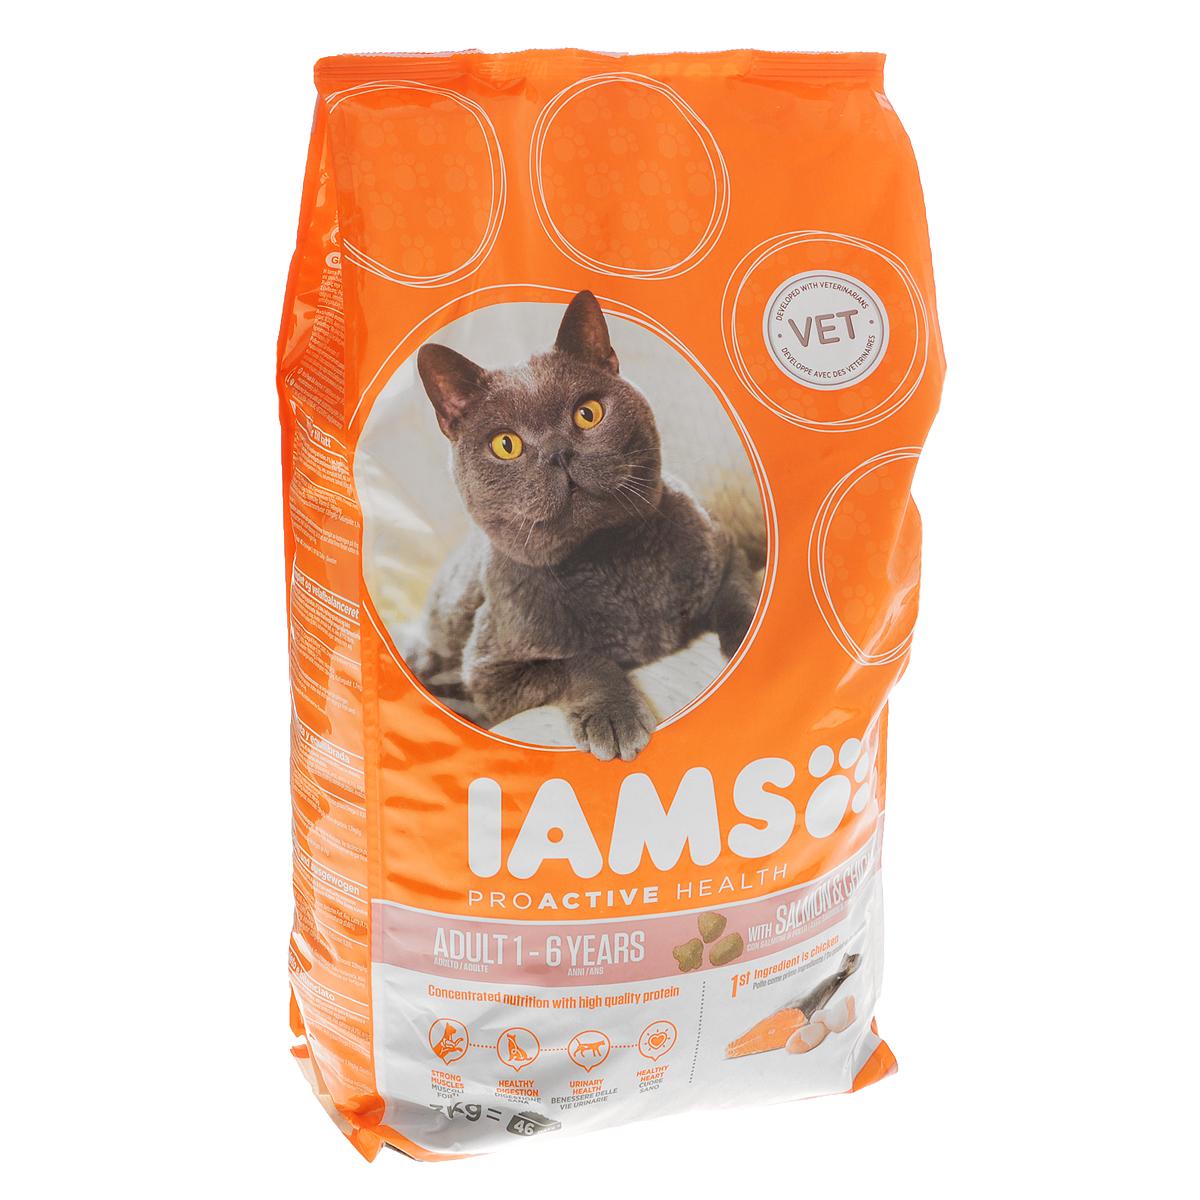 Корм сухой Iams Adult для взрослых кошек, с лососем и курицей, 3 кг81057400Сухой корм Iams Adult является полноценным сбалансированным питанием для взрослых кошек возрастом от 1 до 7 лет с норвежским лососем и курицей. Не содержит искусственных красителей, консервантов и вкусовых добавок. Iams дает вашей кошке все необходимые питательные вещества для поддержания все 7 признаков здорового животного: - Хорошее пищеварение: особая смесь клетчатки, включая пребиотики и пульпу сахарной свеклы, поддерживает способность всасывания необходимых питательных веществ в пищеварительной системе вашей кошки. - Сильная иммунная система: корм обогащен антиоксидантами, которые способствуют поддержанию сильной иммунной системы. - Здоровые зубы: каждый раз при смыкании челюстей хрустящие гранулы корма очищают зубы вашей кошки, что уменьшает образование зубного камня, который может являться причиной зловонного дыхания. - Сильная мускулатура: высококачественный белок помогает поддерживать мышцы вашей кошки в тонусе. - Здоровая...